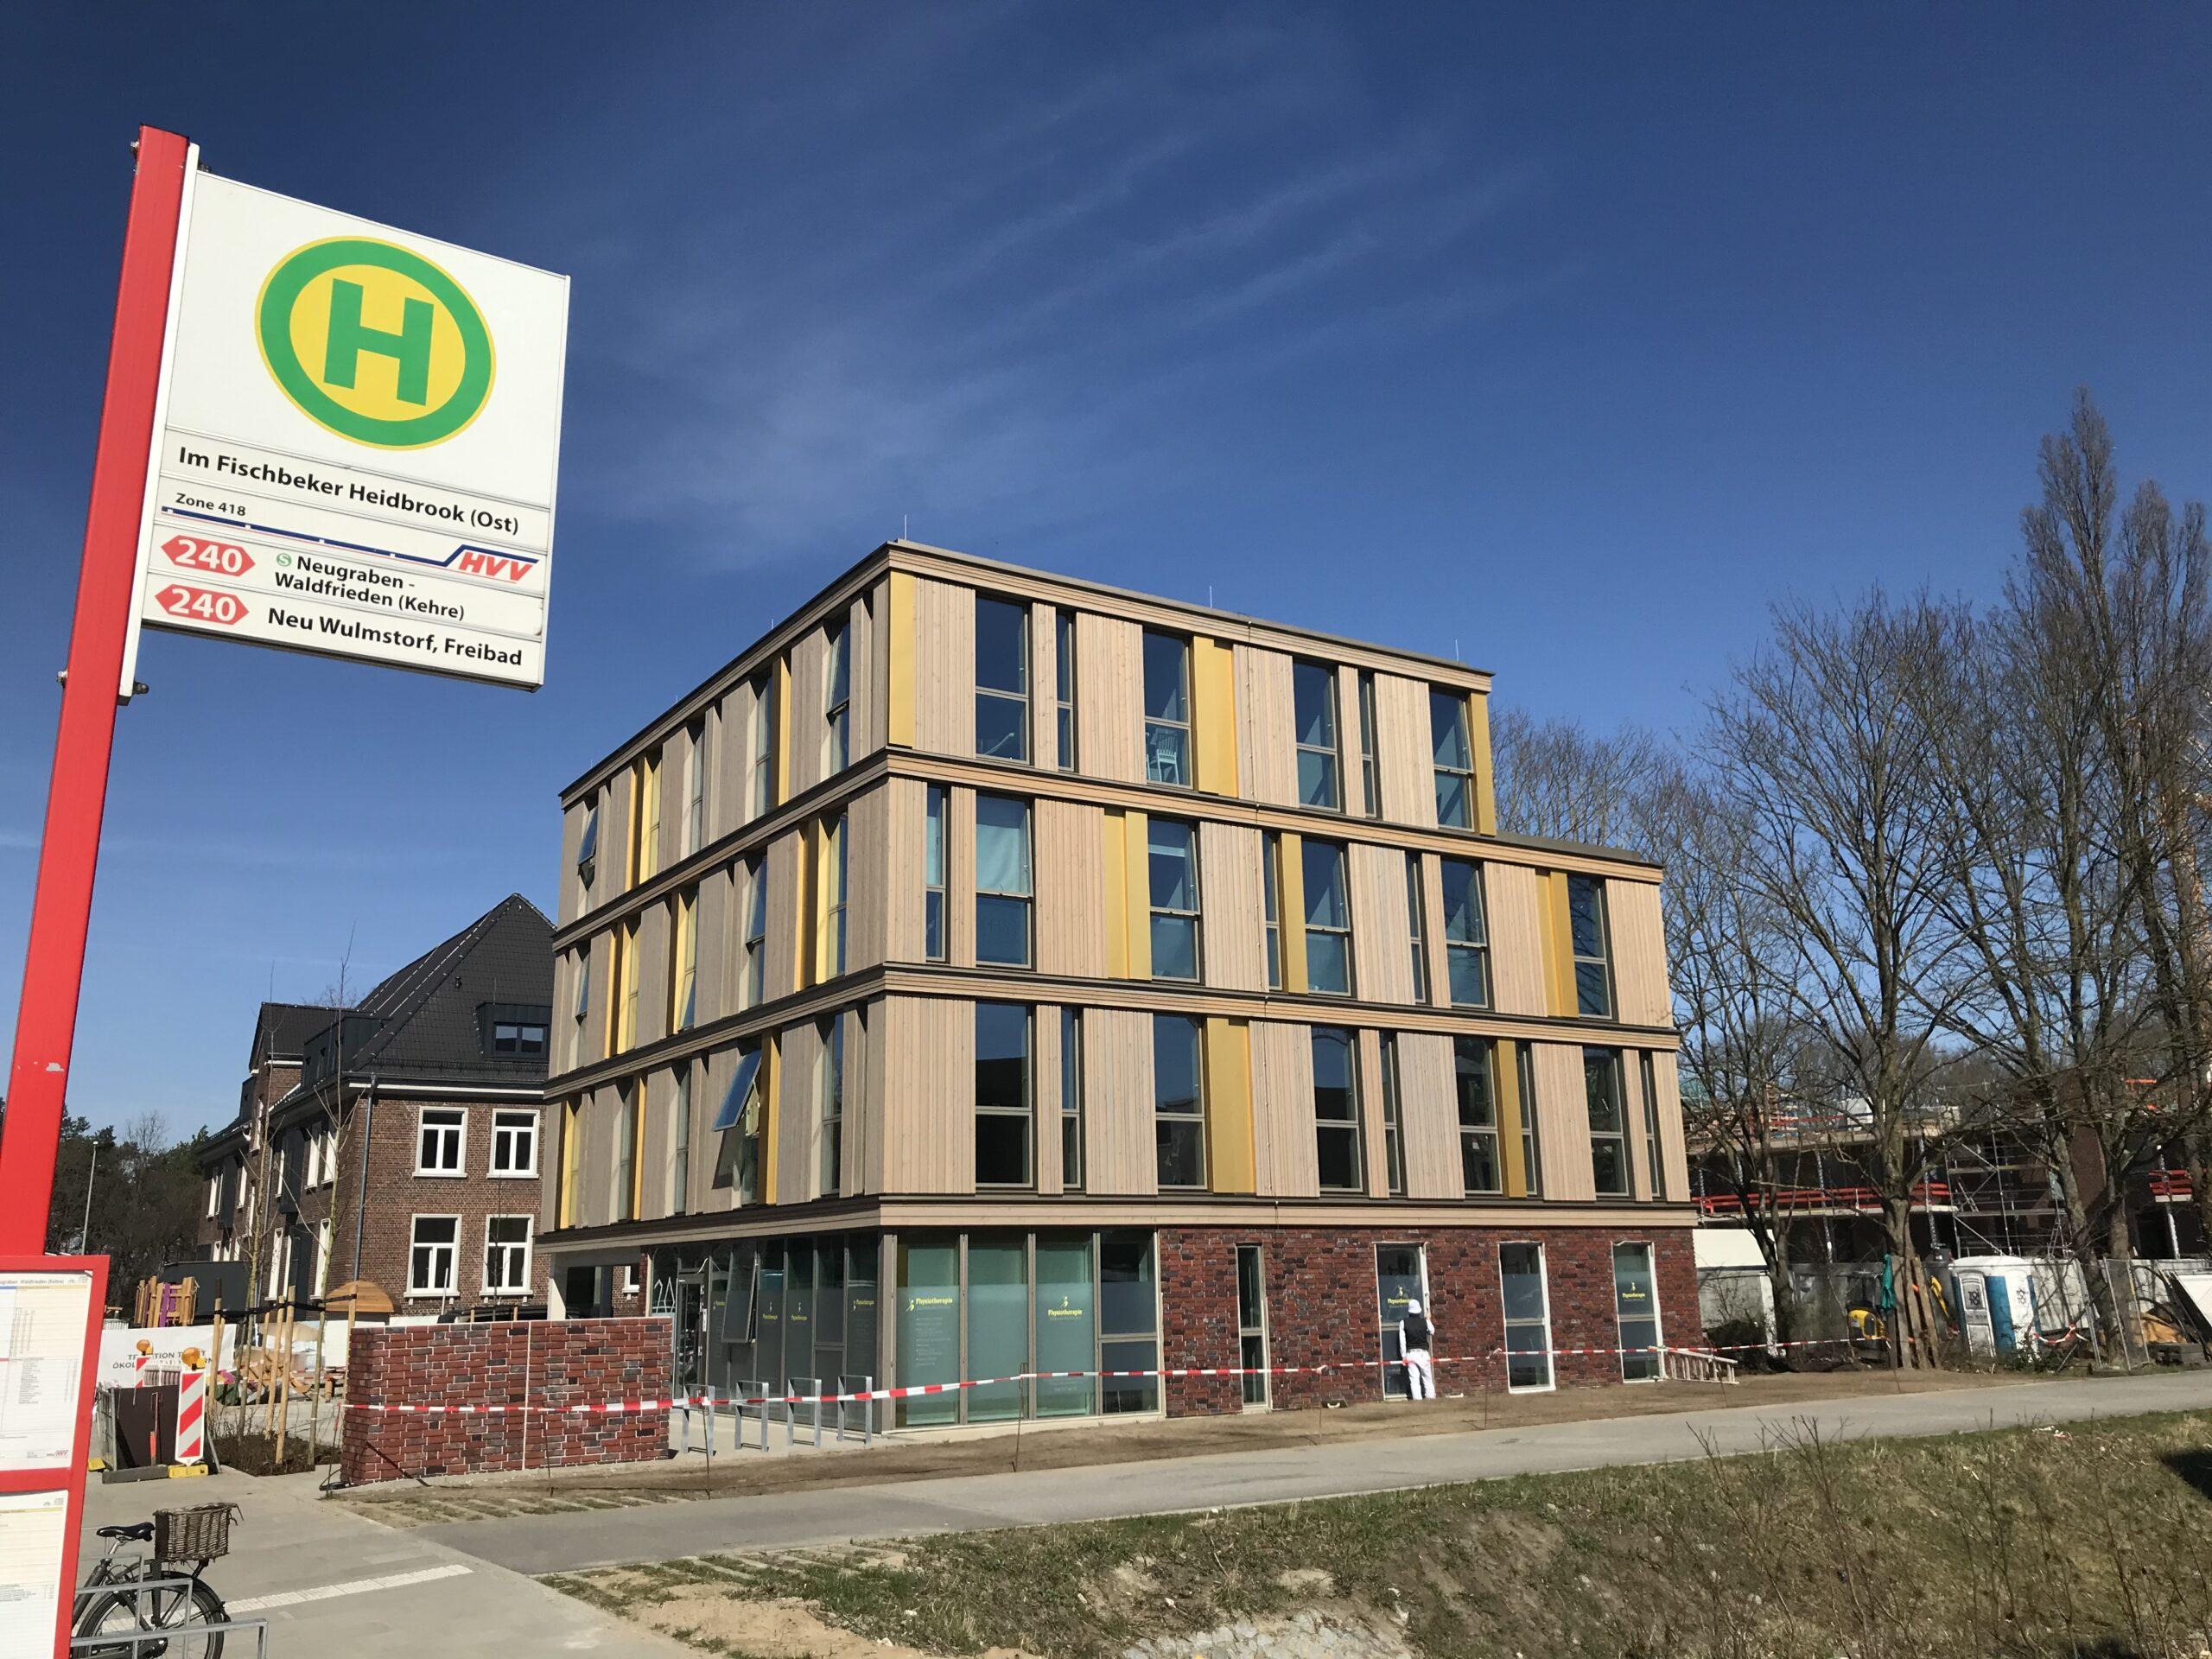 Gesundheitszentrum Fischbeker Heidbrook Bushaltestelle